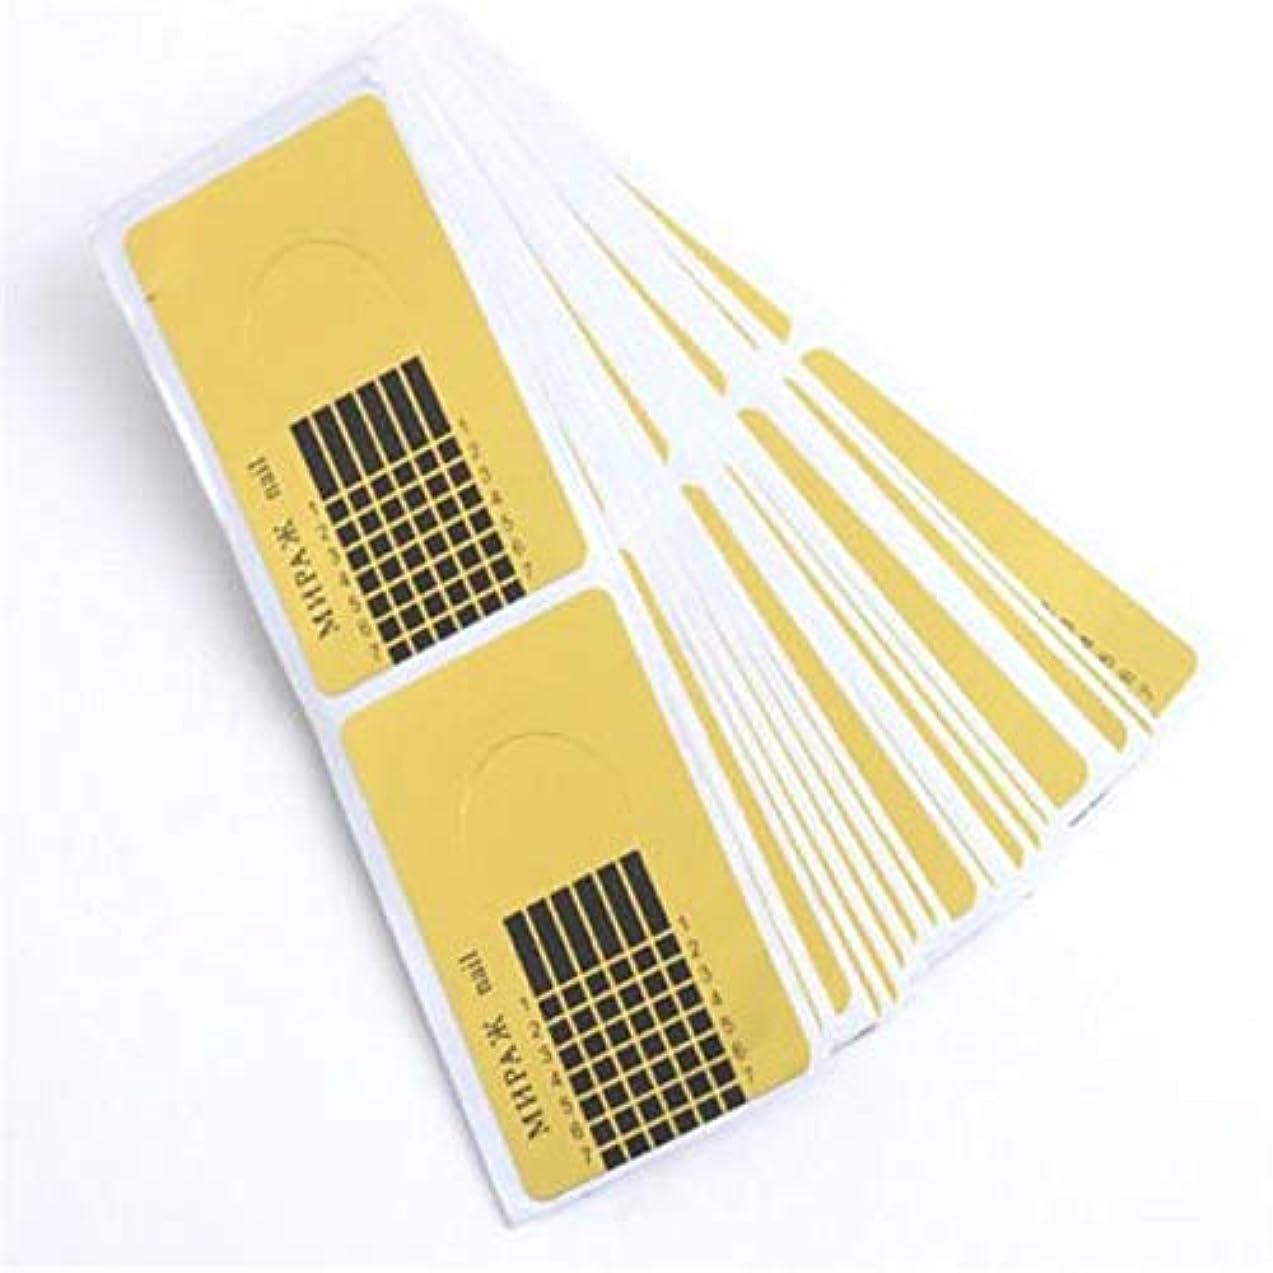 定規保存する管理Yoshilimen 注目のデザイン100個新しいコンセプトゴールド昆虫タイプ指トリートメント爪サポートクリスタル特殊ホルダー(None golden)